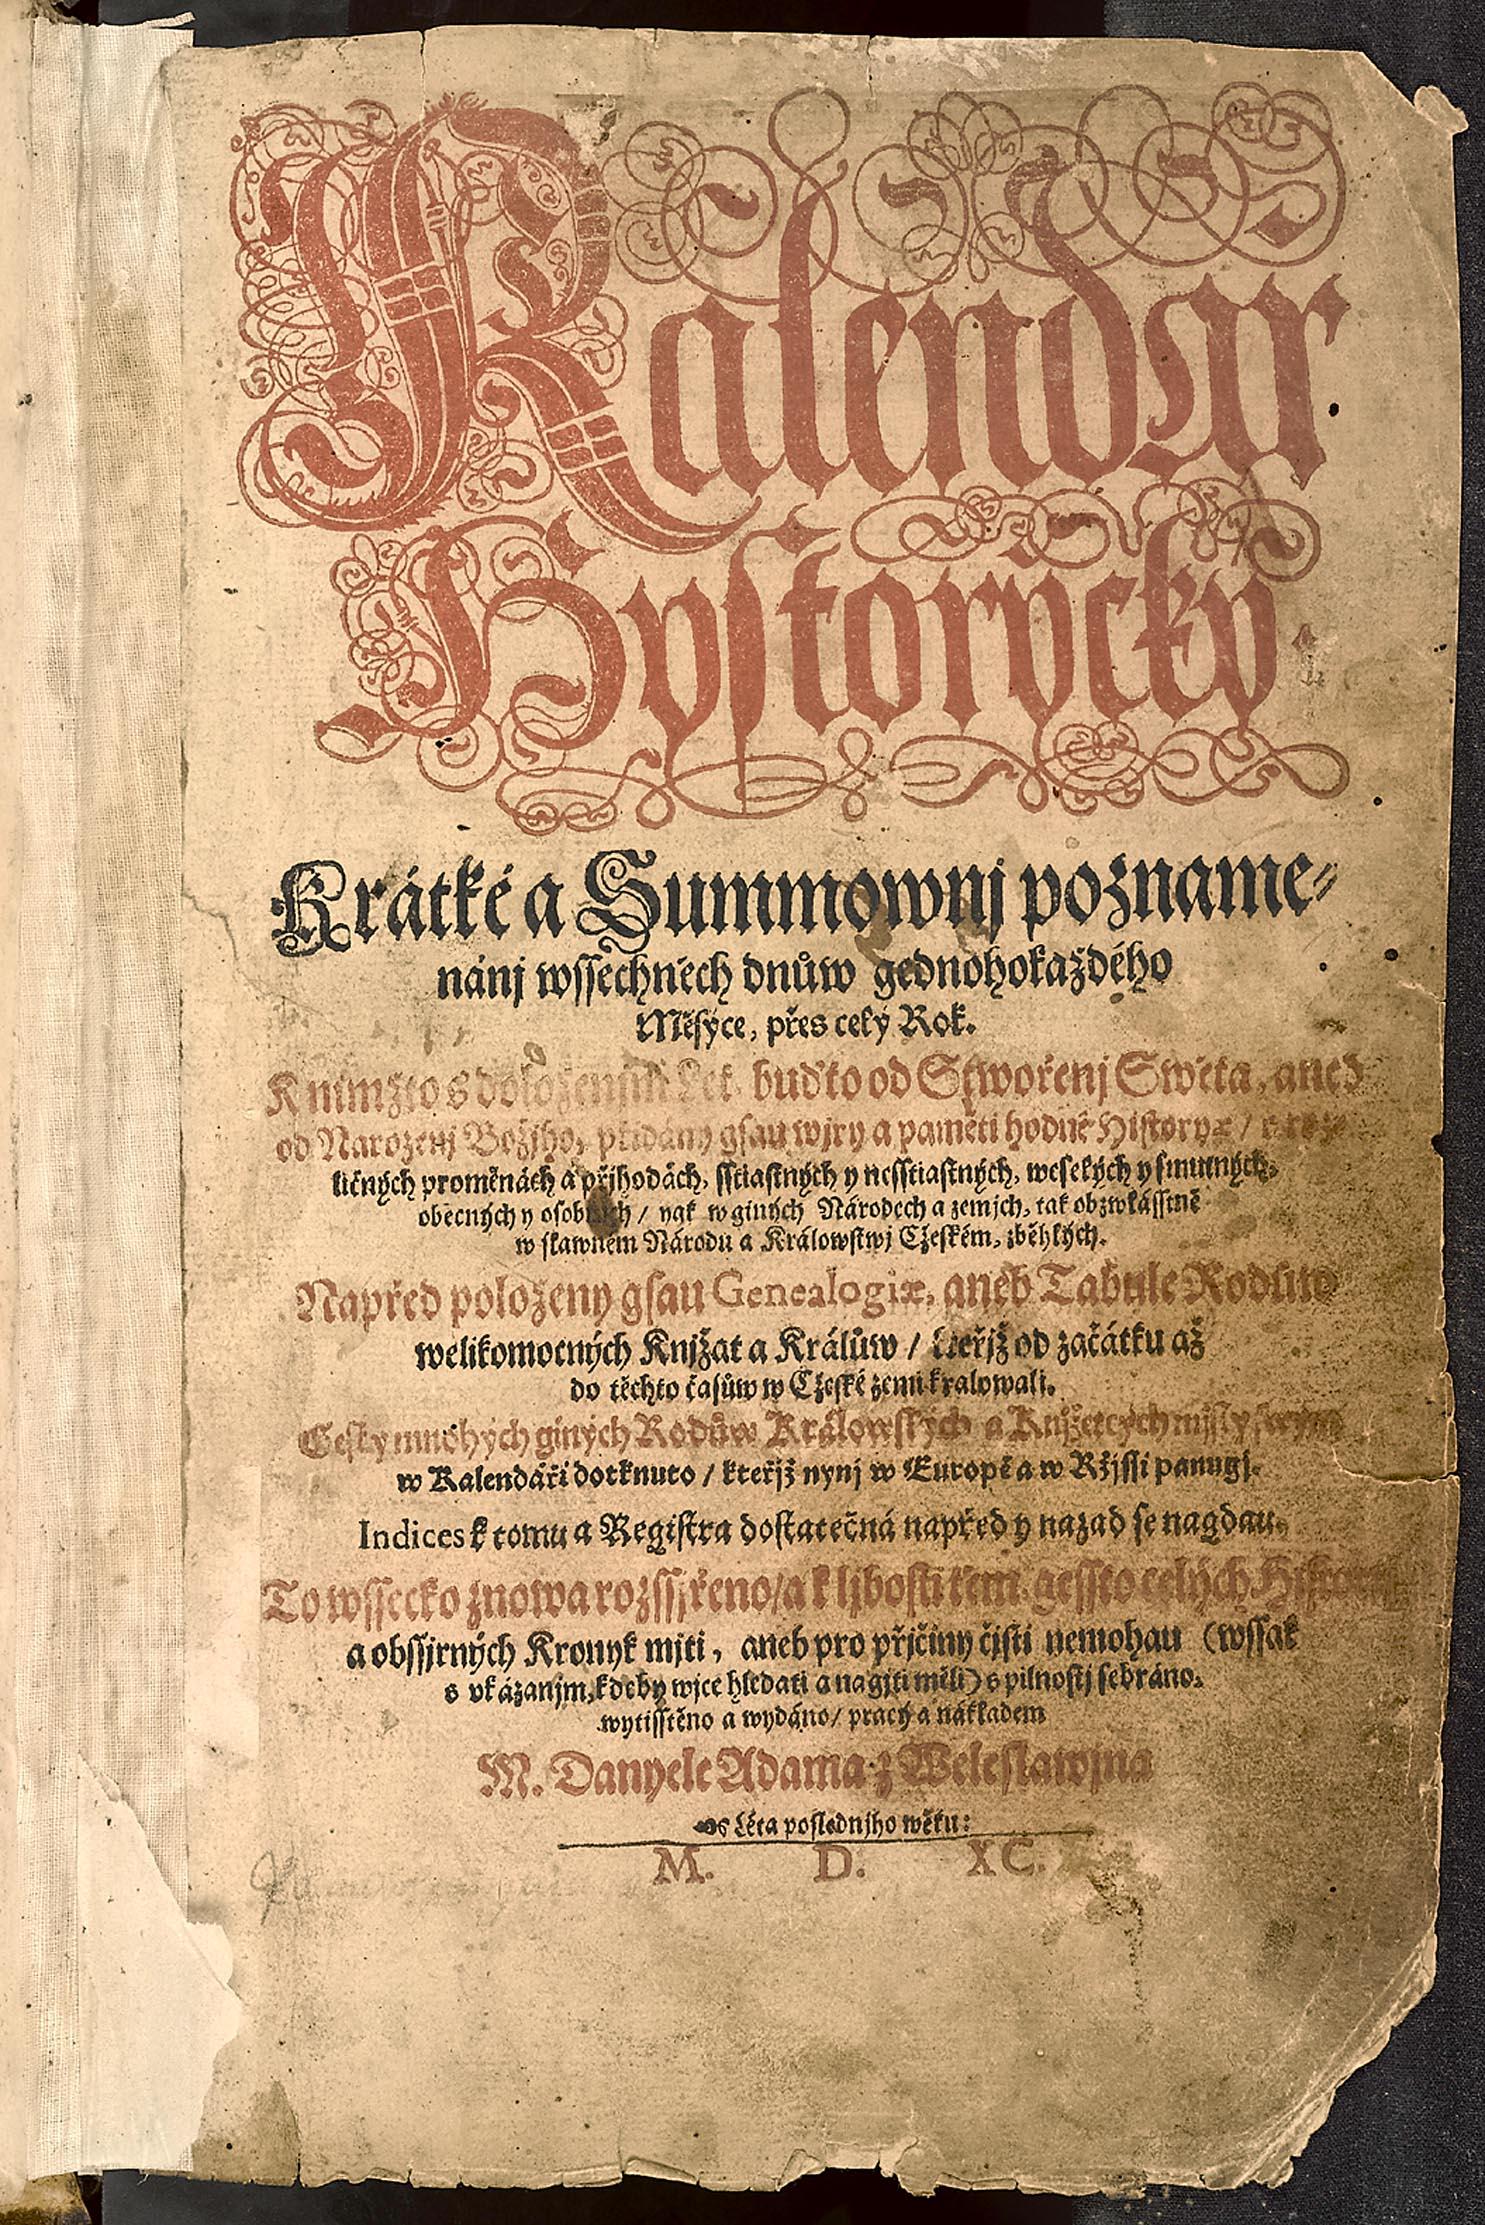 Daniel Adam z Veleslavína: Kalendář historický s historickými poznámkami z let 1592-1805